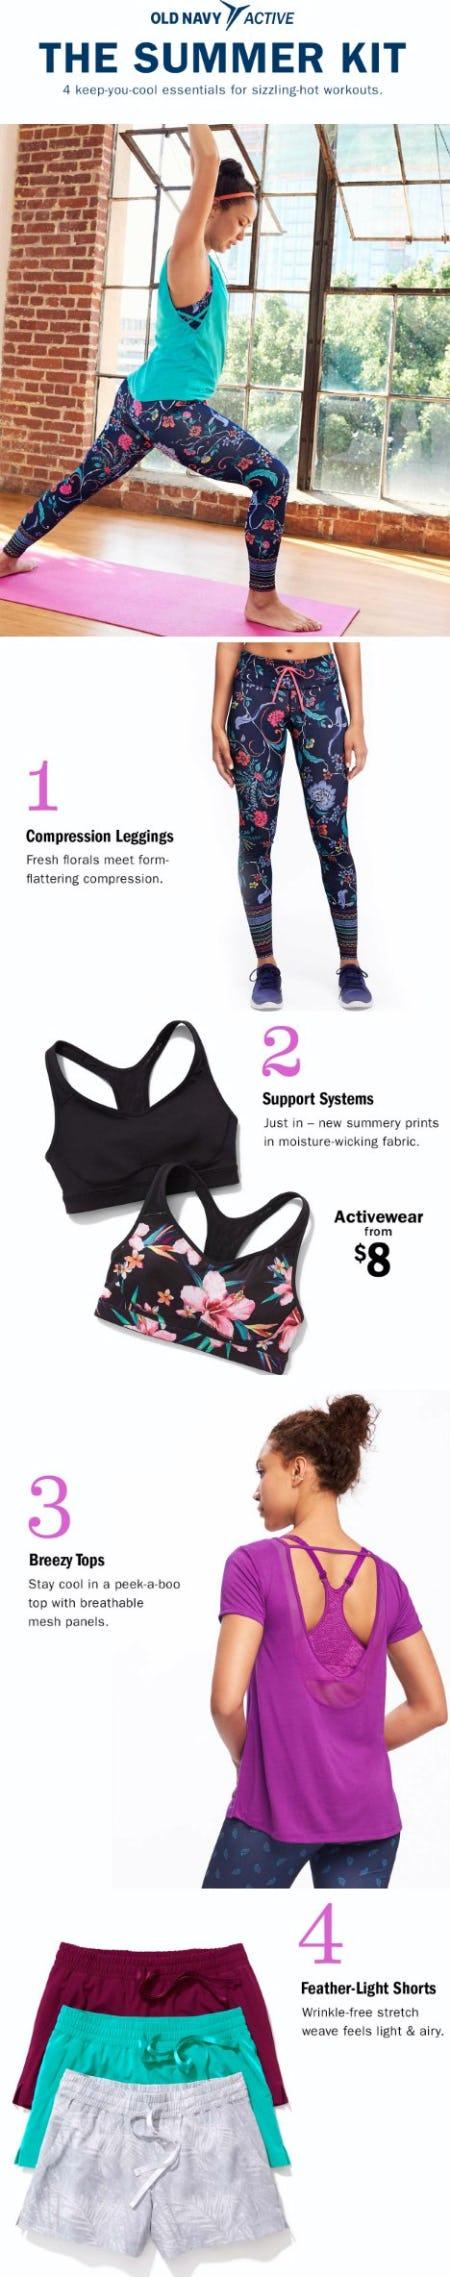 4 Activewear Essentials